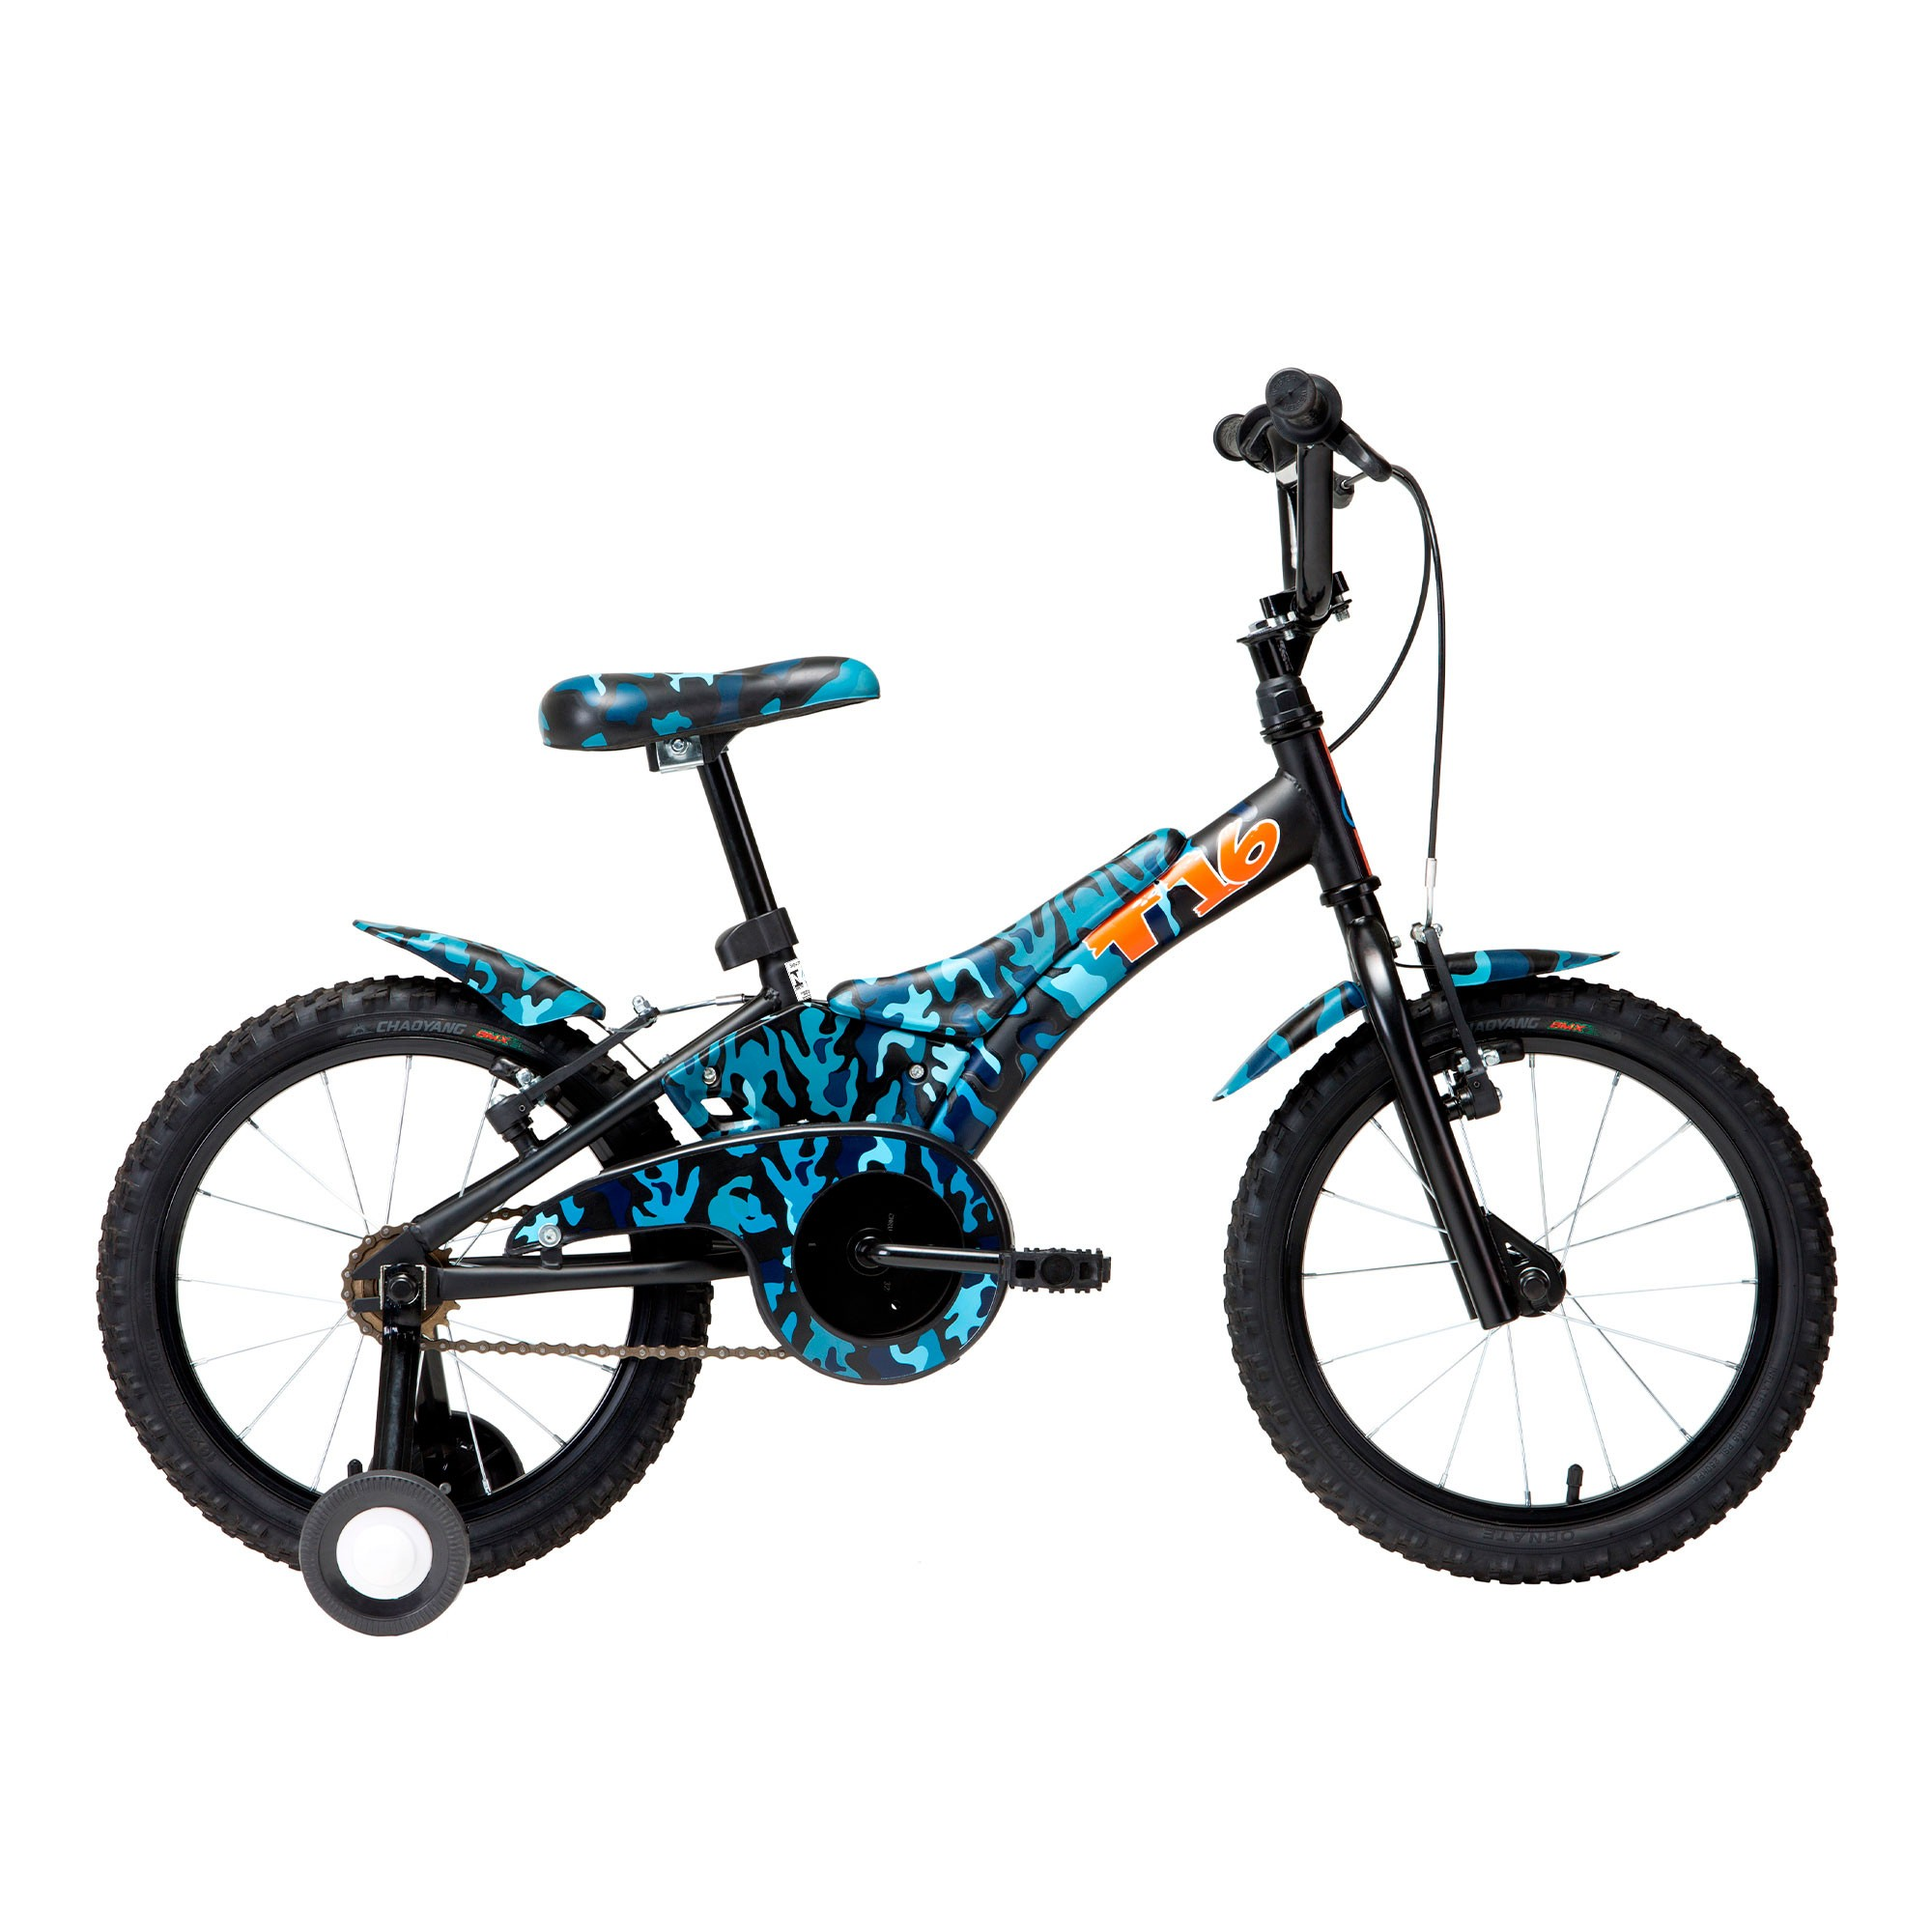 Bicicleta infantil Groove T16 Camuflada